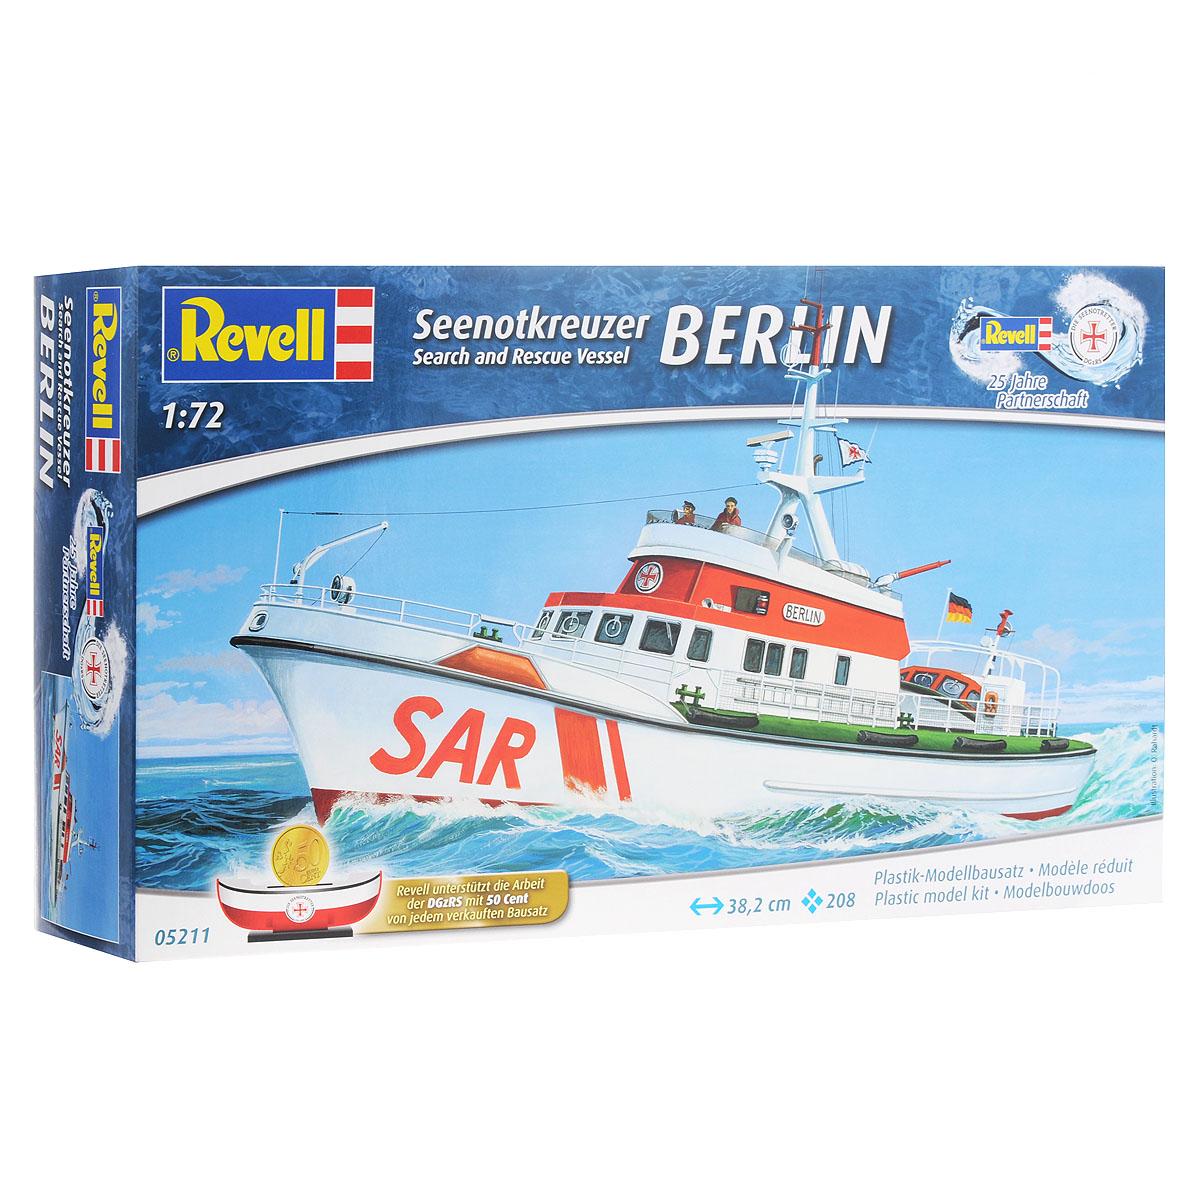 ������� ������ Revell ������������ ����� DGzRS Berlin - Revell5211� ������� ������� ������ Revell ������������ ����� DGzRS Berlin �� � ��� ������� ������� ������� ����������� ����� ������������ ������. ����� �������� � ���� 208 ����������� ���������. ������ ������������ ����� ����� ��������-������������� ������ �������� ����������� DGzRS. � ������� ������ ����������� � 1865 ����, ����� ������������ ������ DGzRS ������� ����� 76 000 �����, �������� � ������� ��������. ������������ ������ ����������� ������������� �� ����������������� �������������. ����� � ������ ����������� ���������� �� ������. ������� ������ ��������� ���������������� � ���������������� �����������, ����������� � �������������� ��������, � ����� ��������� ������������ ������ ������ �� ������� � ���������. ������� ���������: 5. ��������� �������! �������� ���� �������� �� ��� ����, ��� �������� ��� ������ �� ���������. ���� � ������ � �������� �� ������.